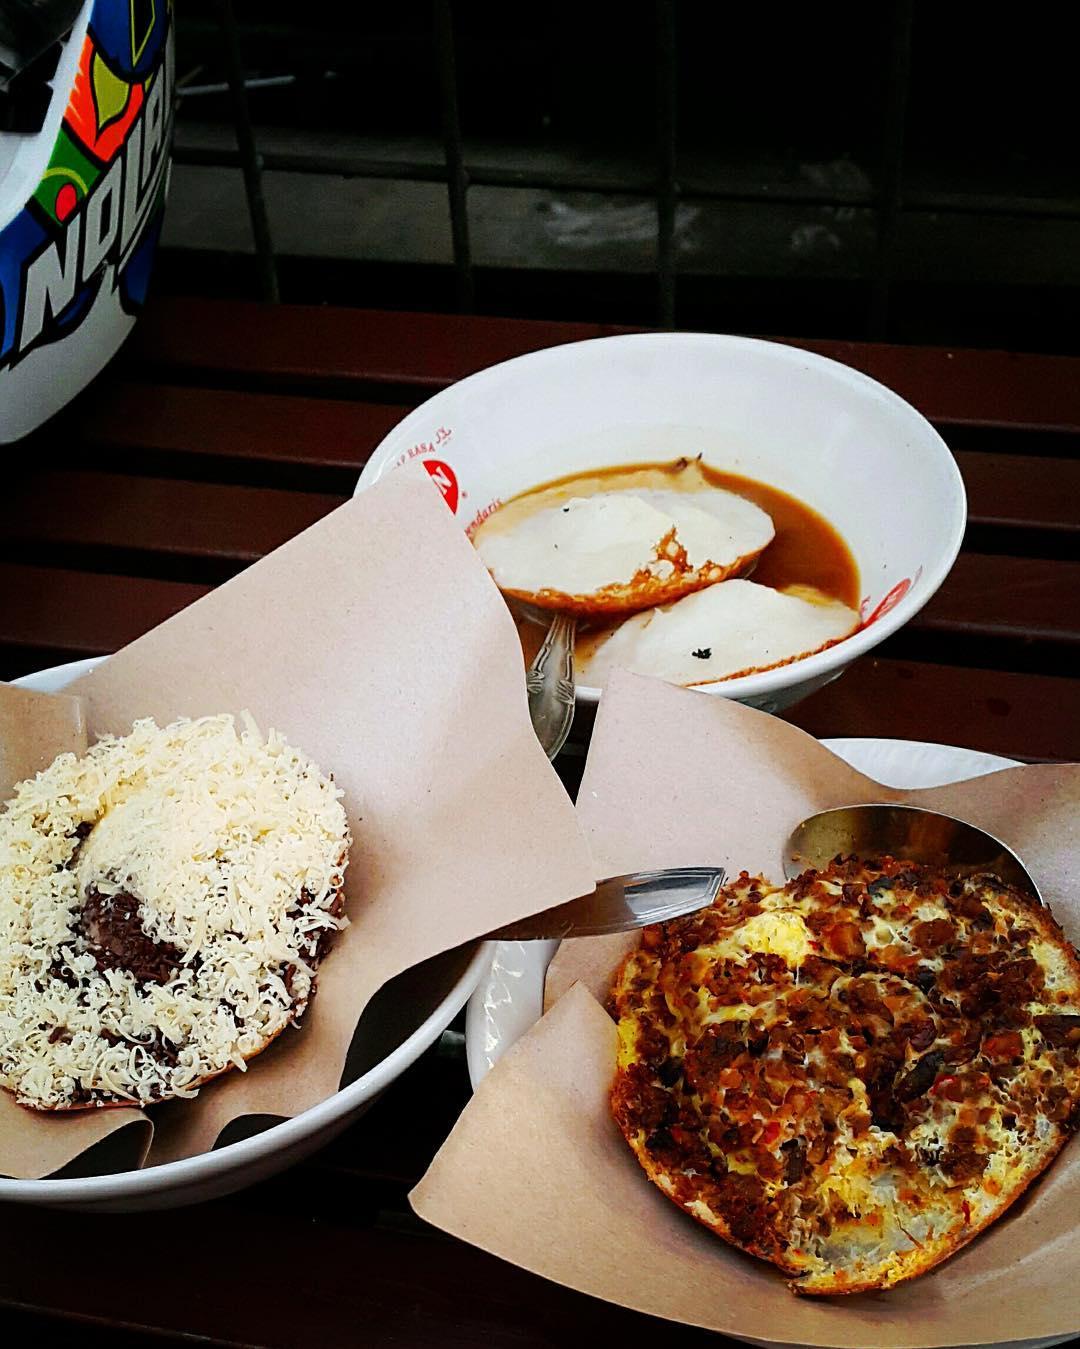 Surabi Cihapit, Surabi Cihapit Bandung, Bandung, Kota Bandung, Dolan Dolen, Dolaners Surabi Cihapit via taufikrizki2108 - Dolan Dolen